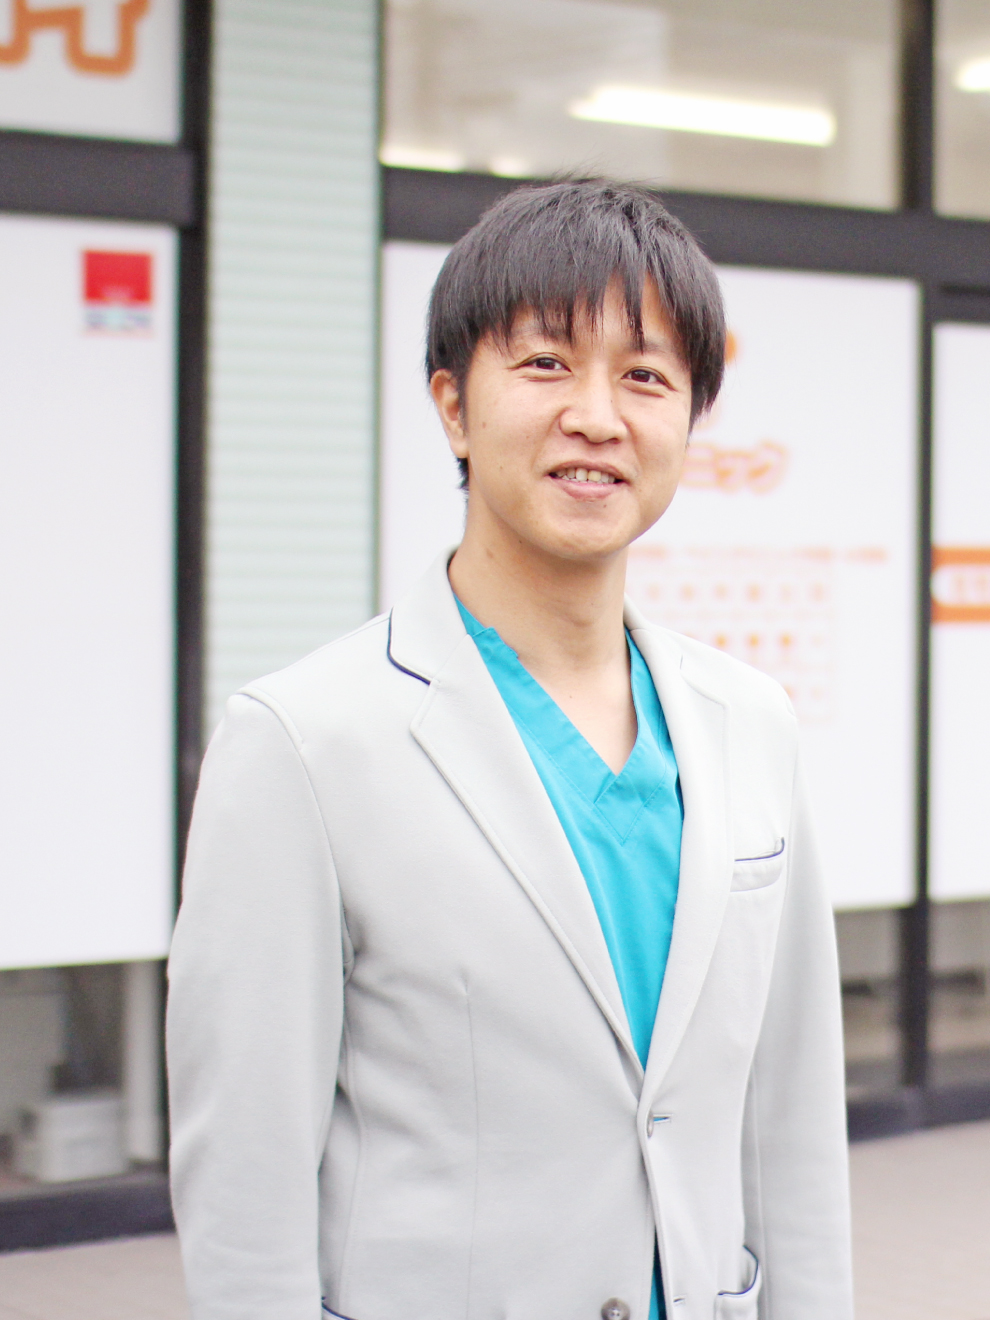 医療法人社団 鷹松会理事長 川島 裕也